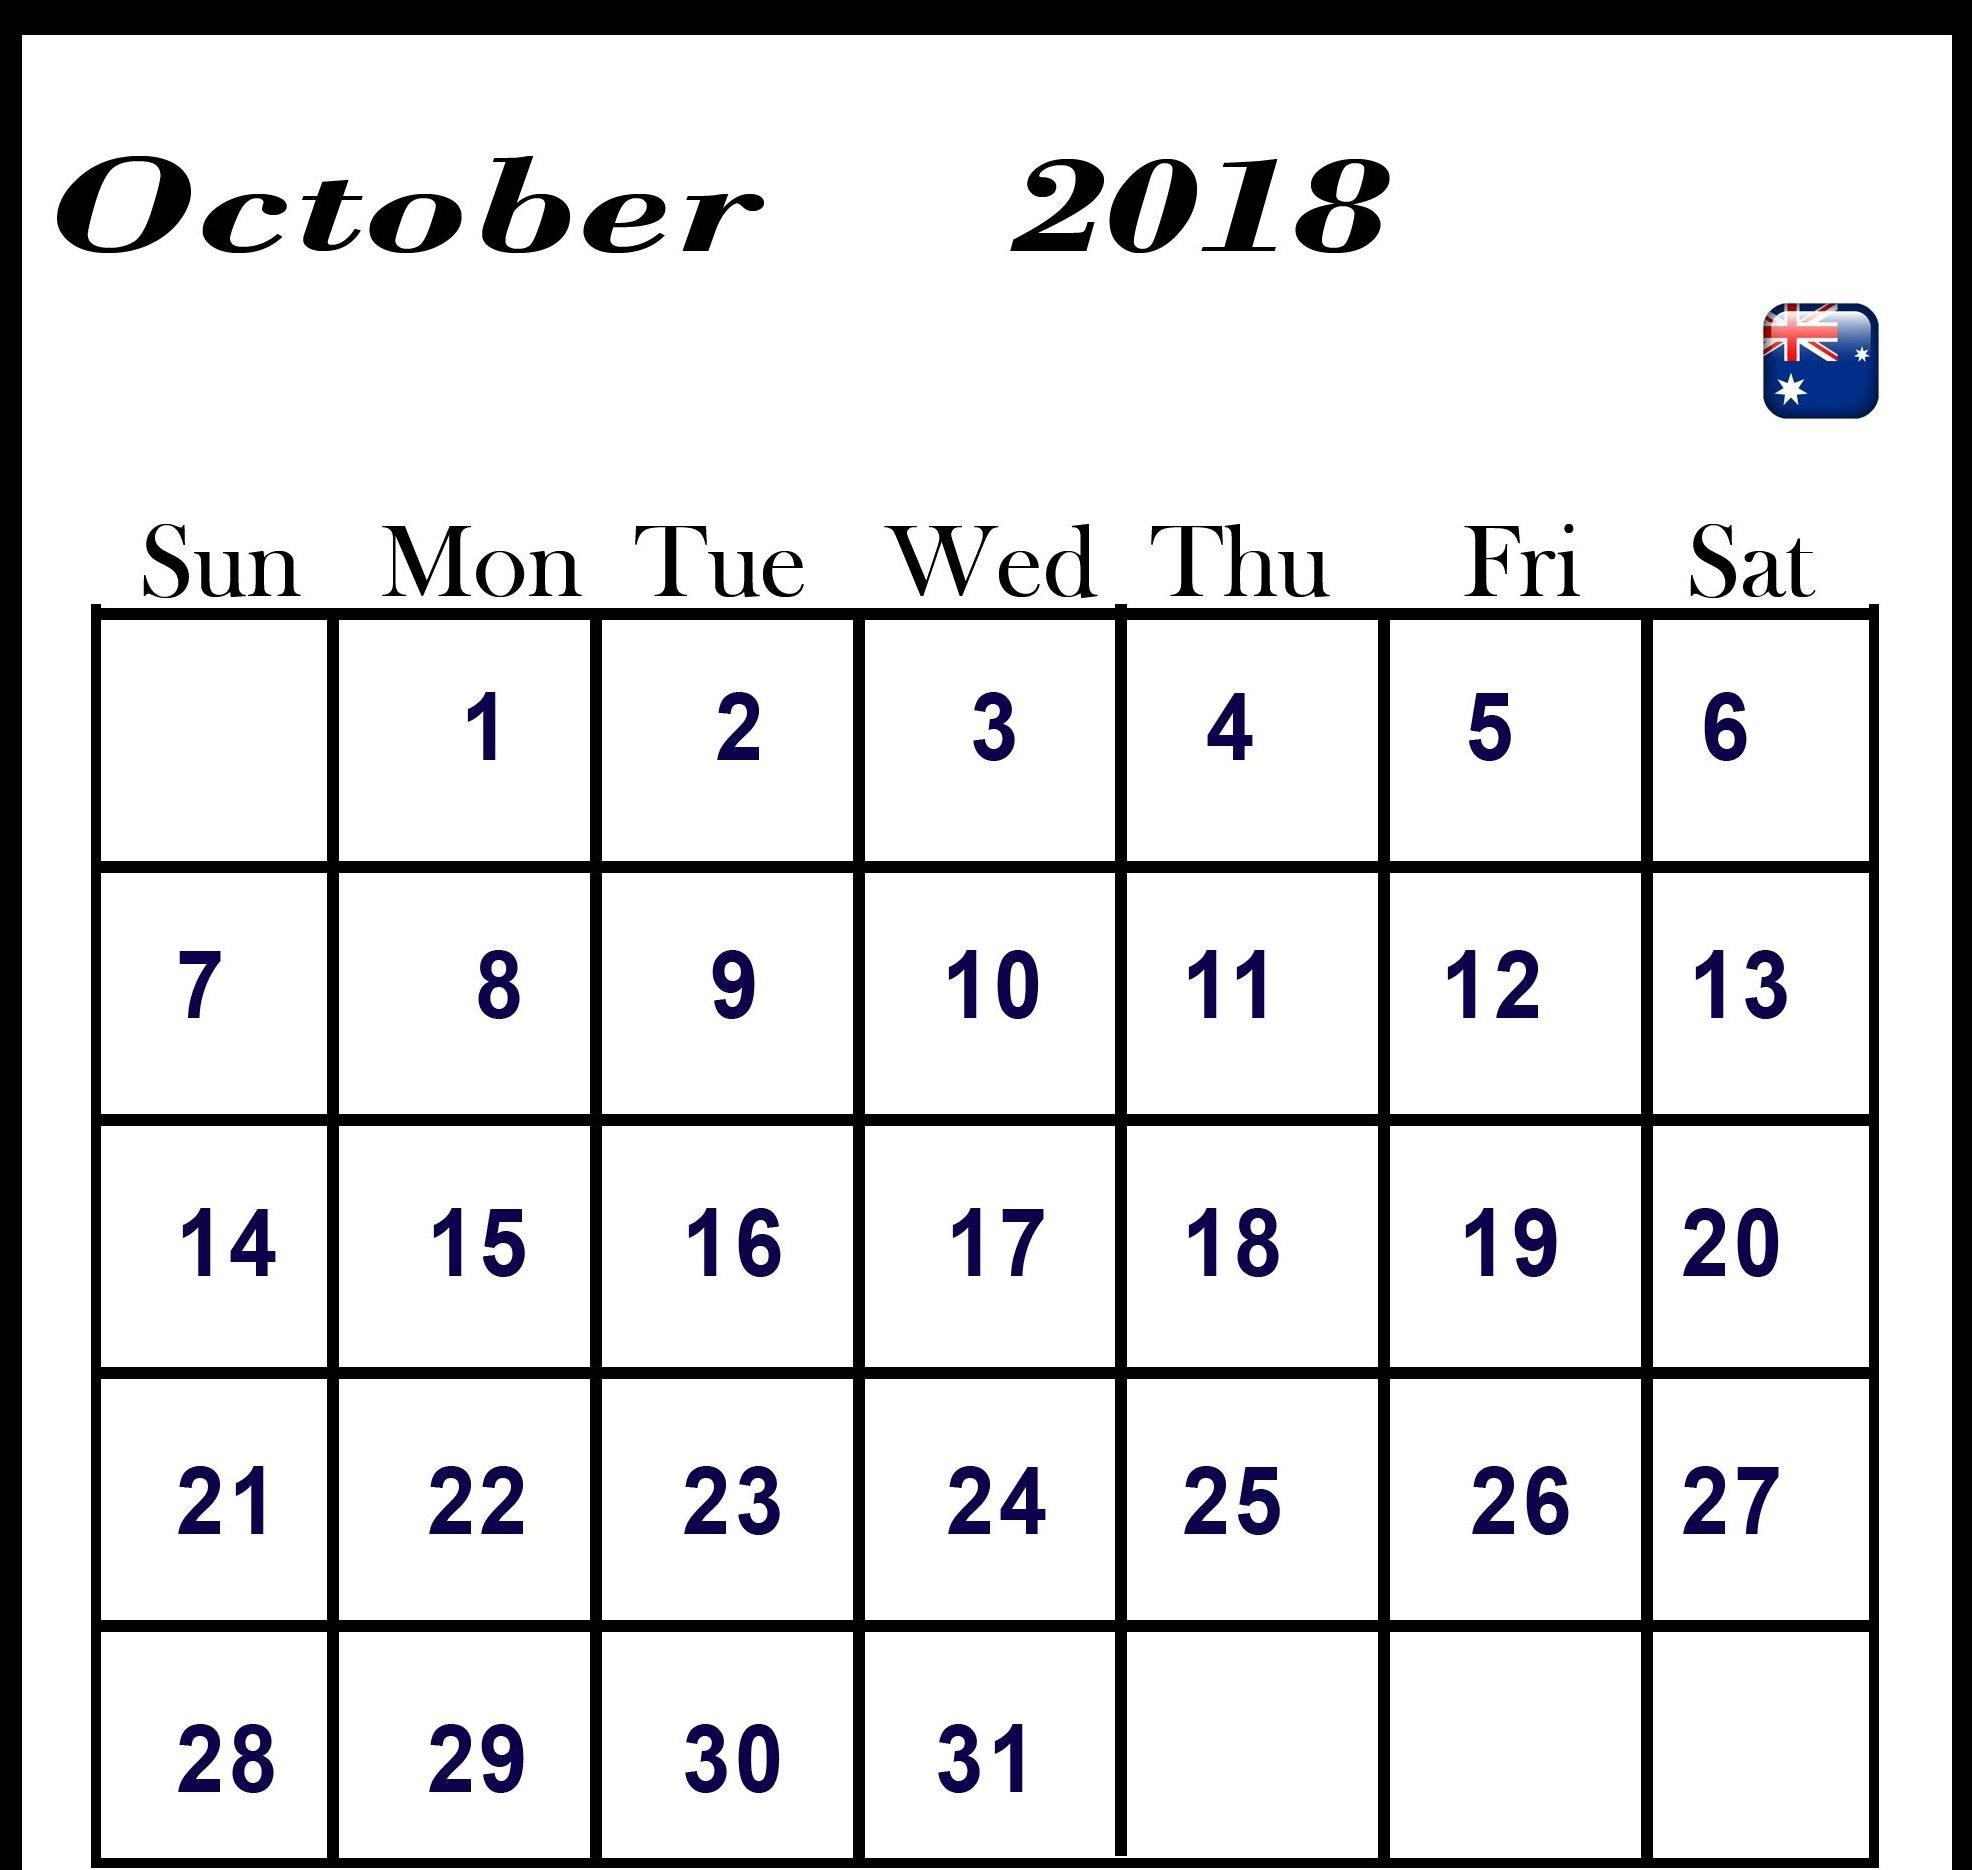 Calendar for October 2018 Australia